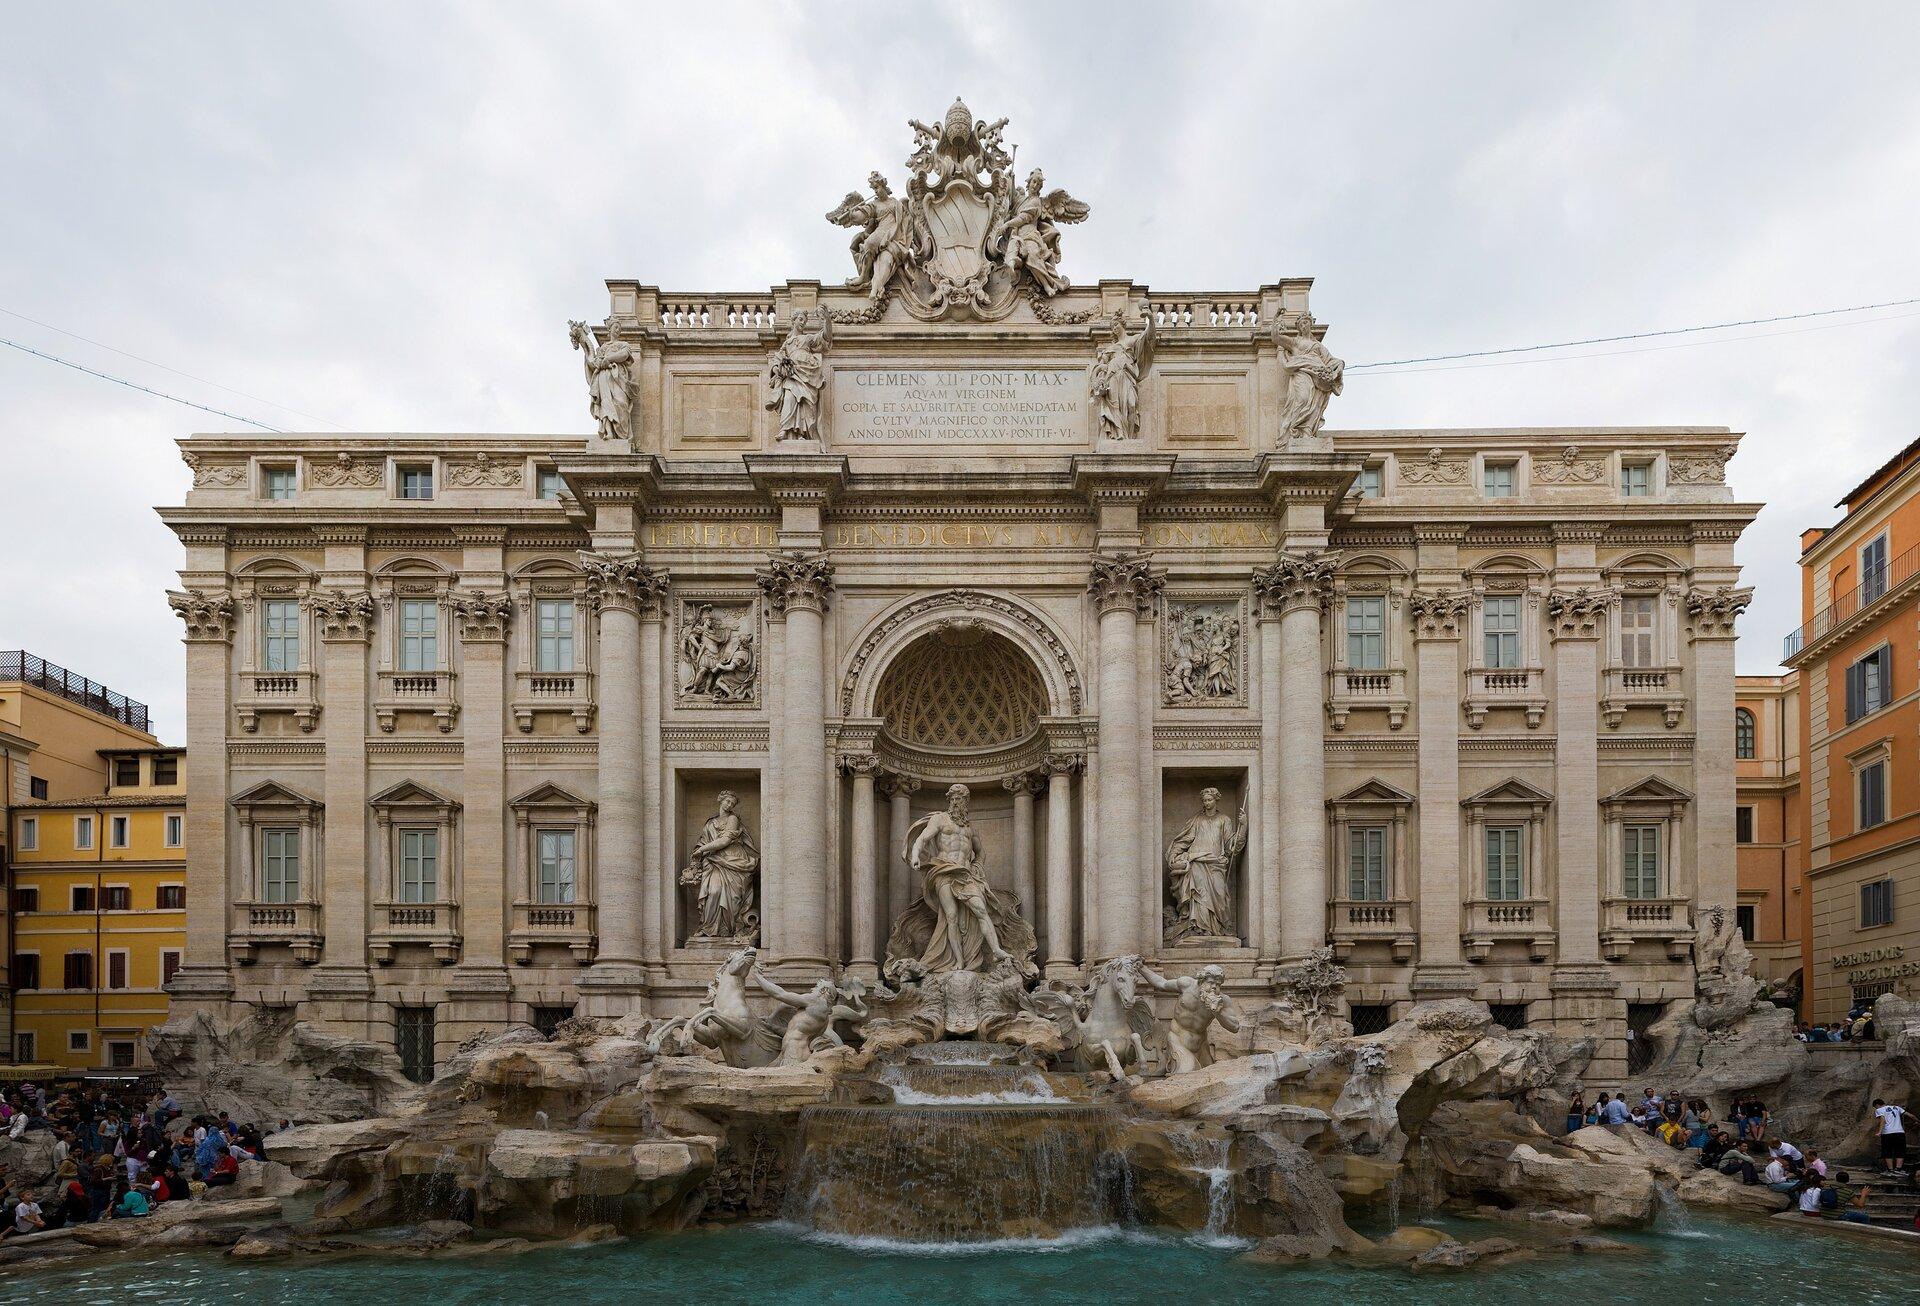 Fontannadi Trevi – powiązanie architektury irzeźby zwodą iupozorowaną naturą. Dzieło powstało wlatach 1735-1776 przy Palazzo Poli, na niewielkim placyku; autorem projektu był Niccolo Salvi Fontannadi Trevi – powiązanie architektury irzeźby zwodą iupozorowaną naturą. Dzieło powstało wlatach 1735-1776 przy Palazzo Poli, na niewielkim placyku; autorem projektu był Niccolo Salvi Źródło: Diliff, Wikimedia Commons, licencja: CC BY-SA 3.0.